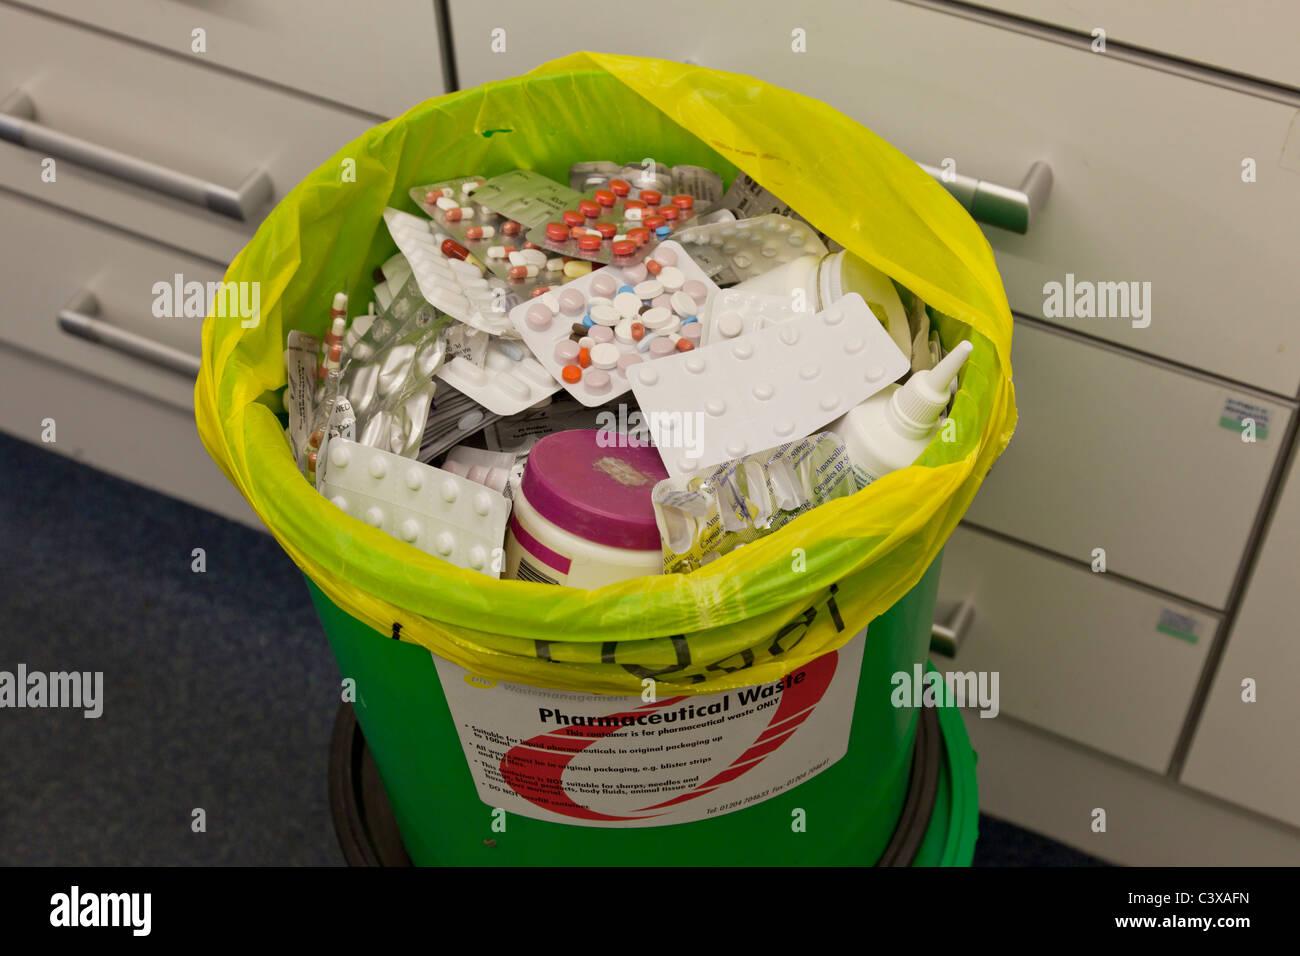 Les médicaments pharmaceutiques pour élimination dans des bacs DOOP après avoir été renvoyé Photo Stock